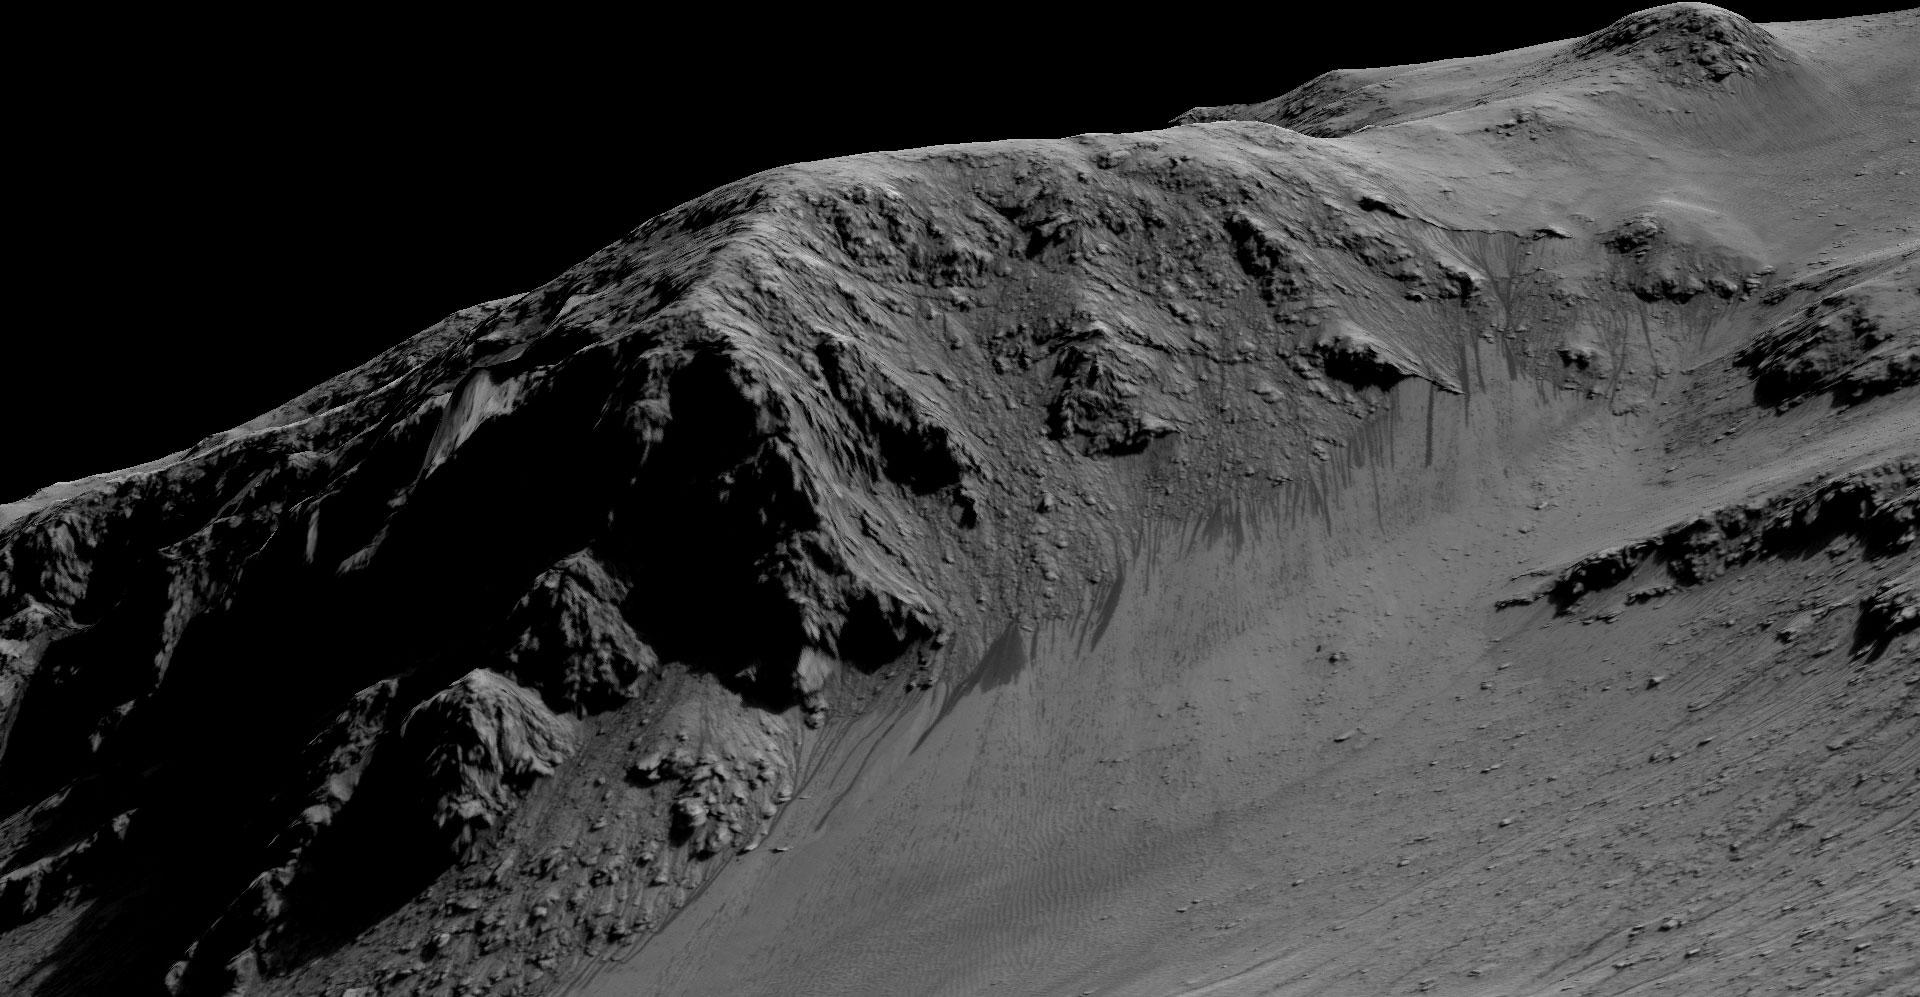 Horowitz kraterinde görüntülenen çiziklerin uzunluğu bir futbol sahası kadar. [NASA]